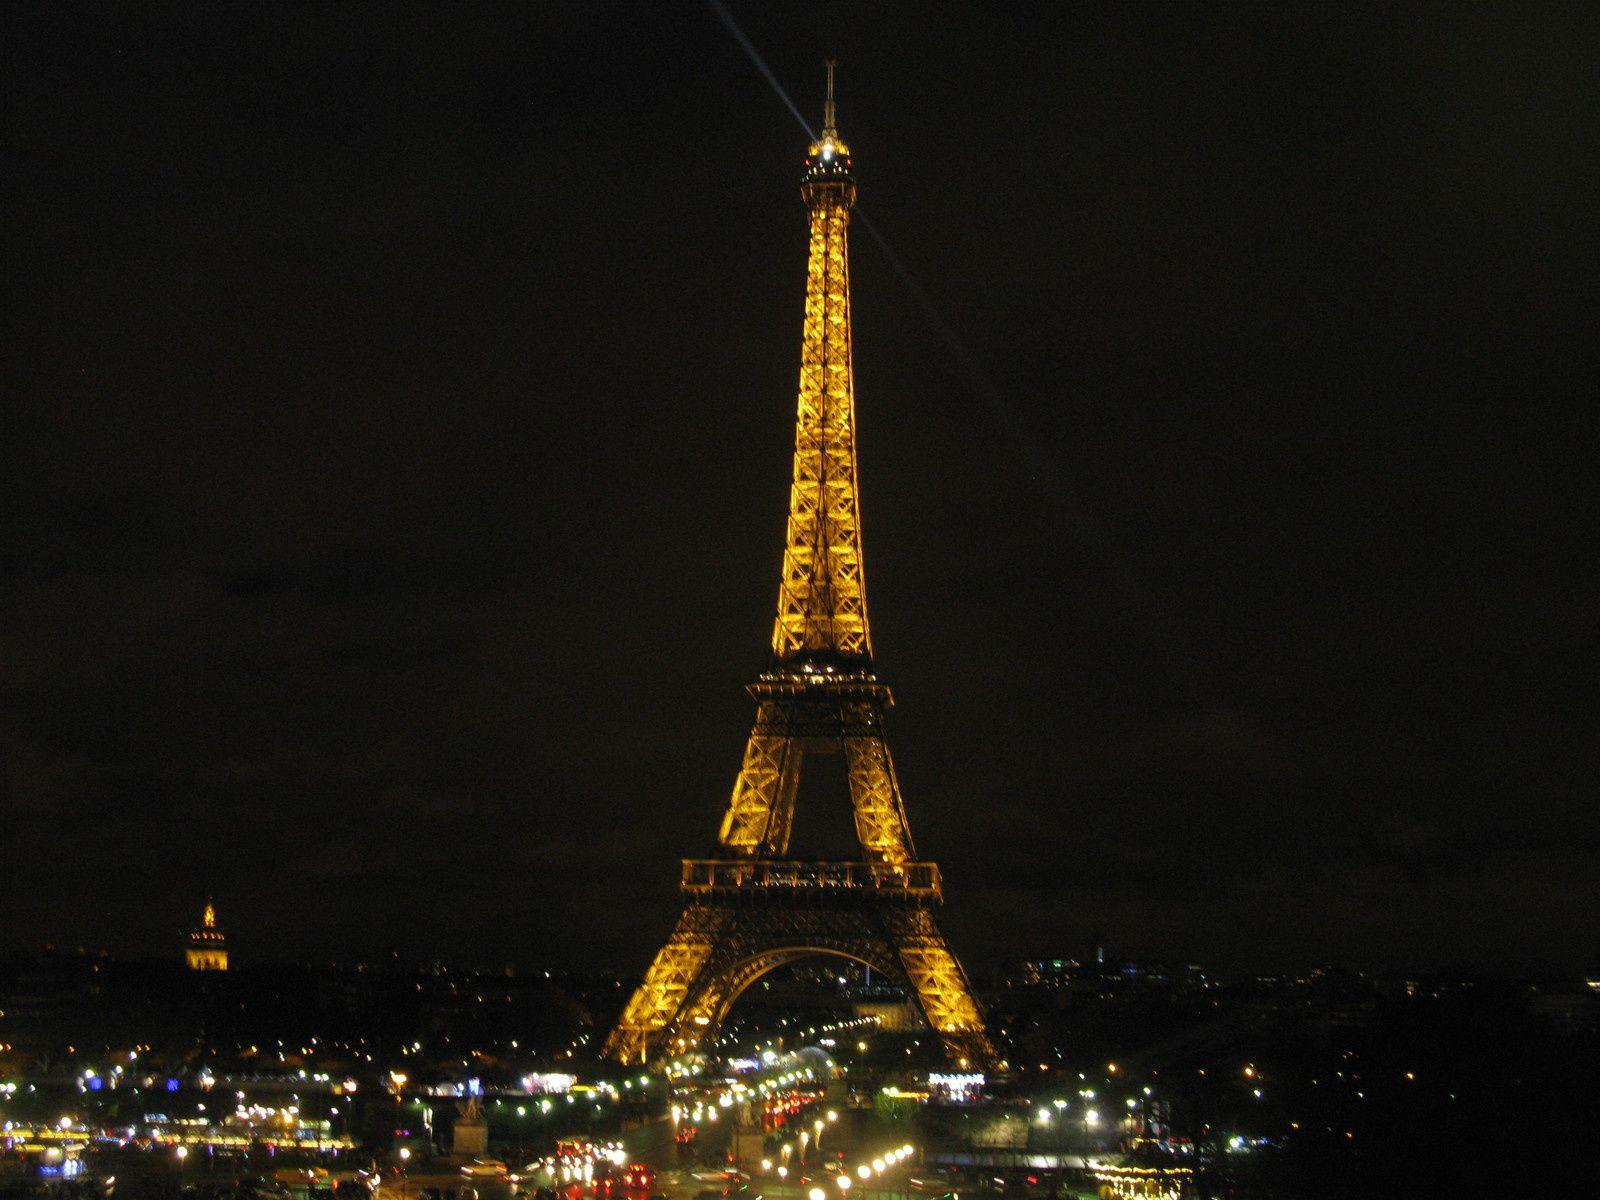 Les Godillots de Paris